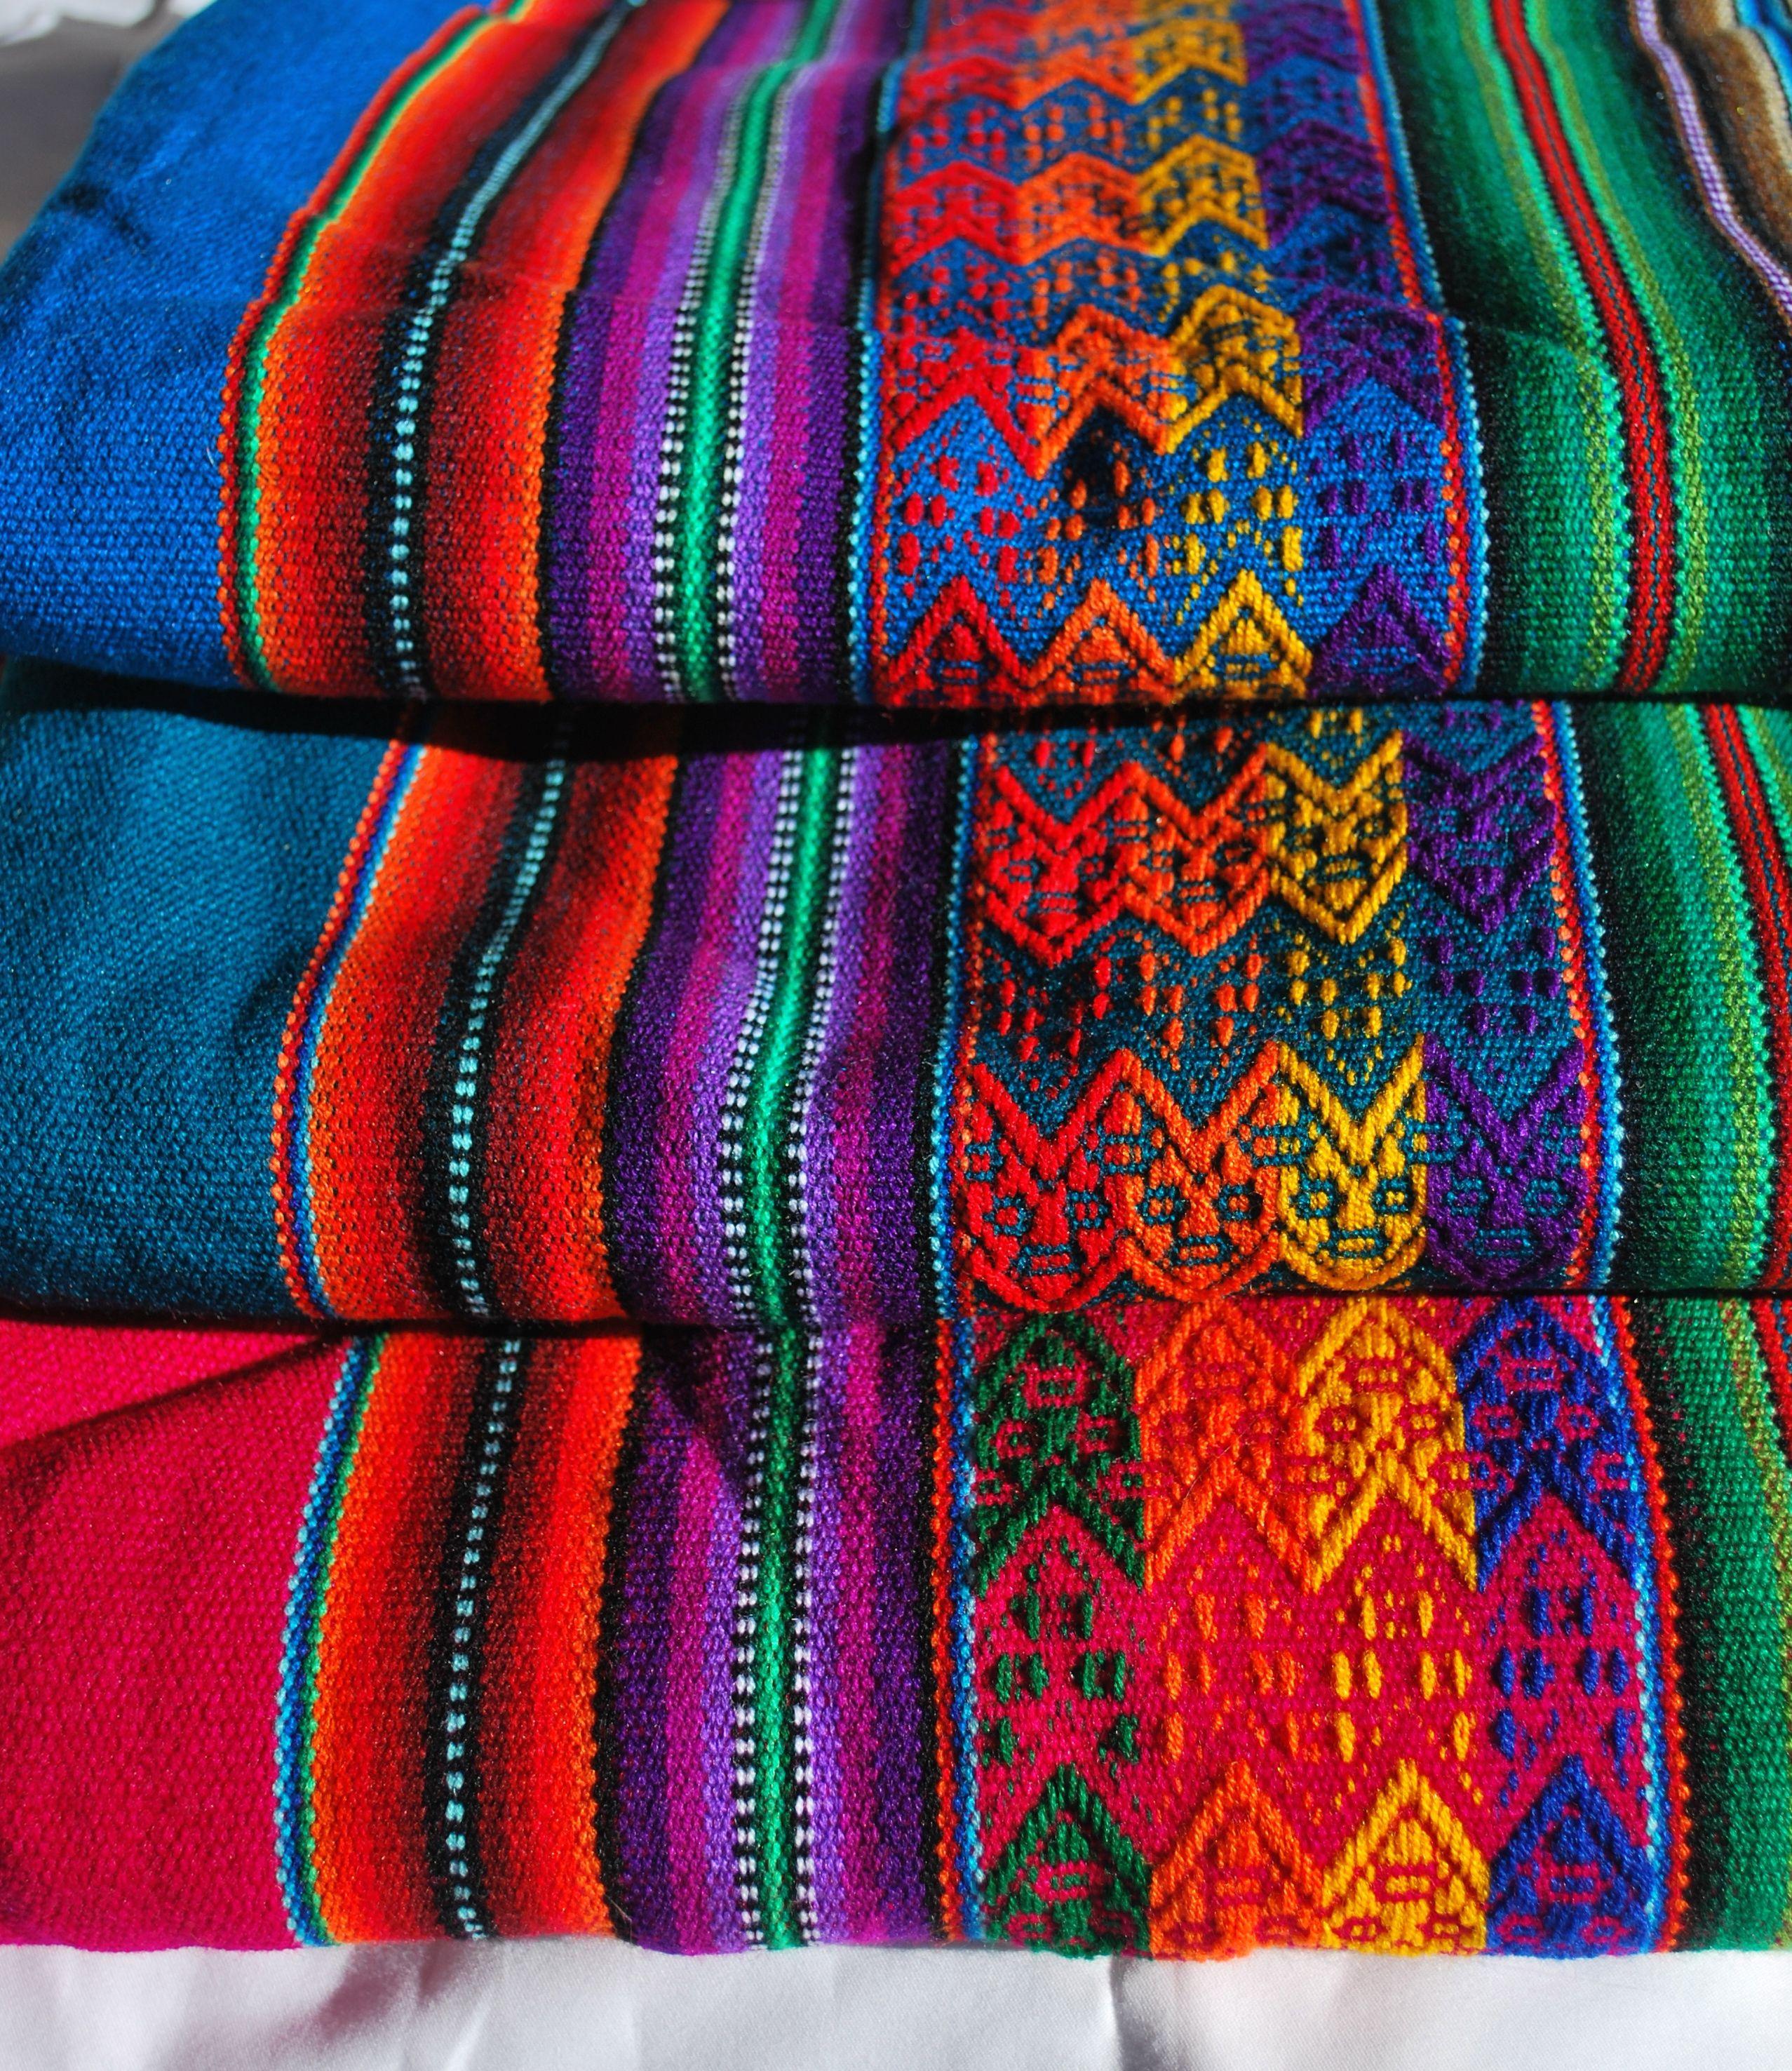 Peruvian Manta Blankets 4ft X 4ft Peru Babycarrier Manta Blankets Etsy Etsy